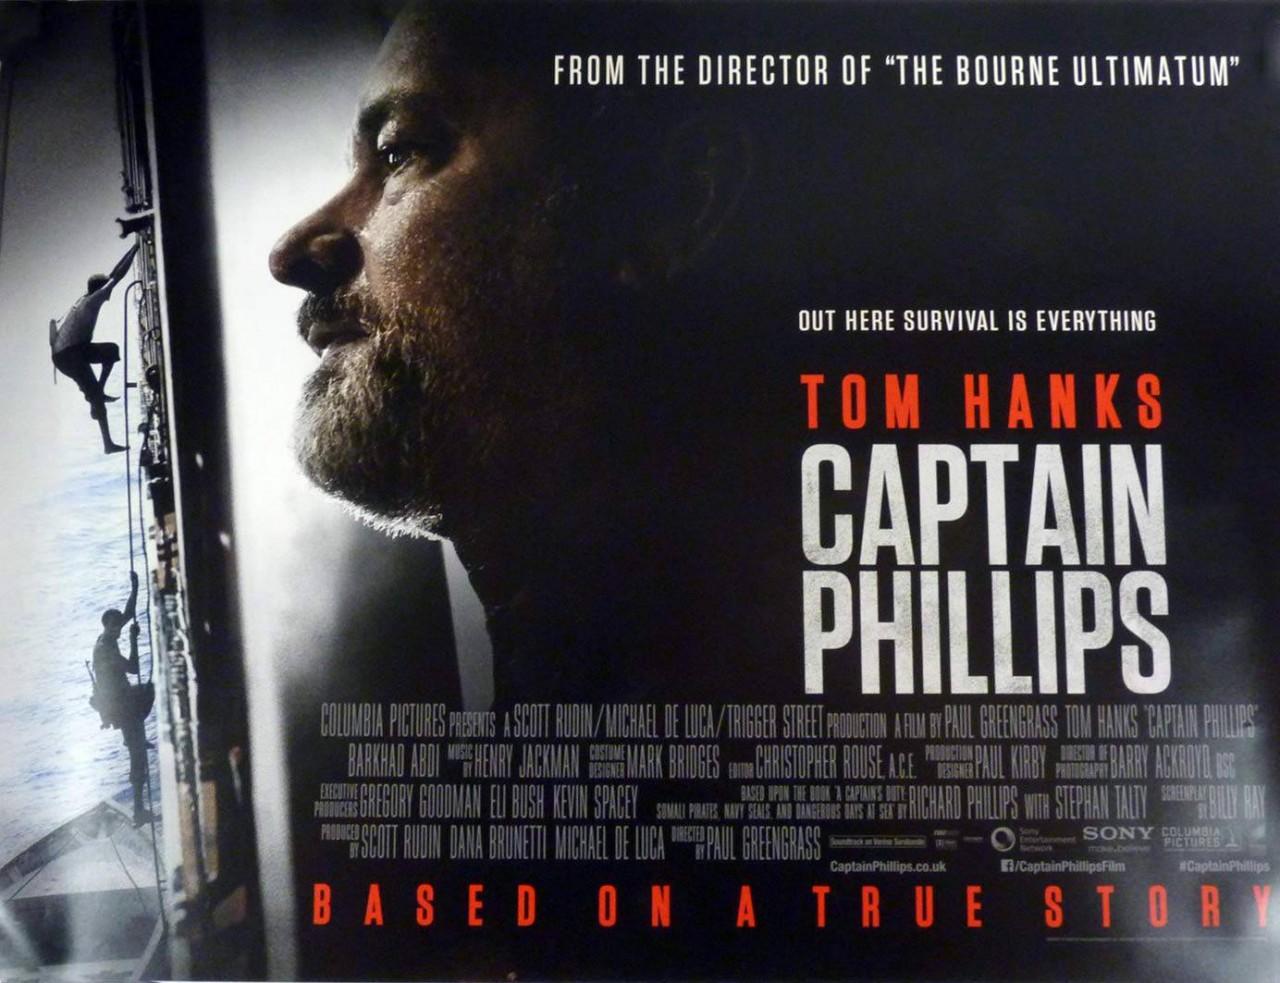 Captain Phillips Movie Poster buy original film posters at Starstills.com